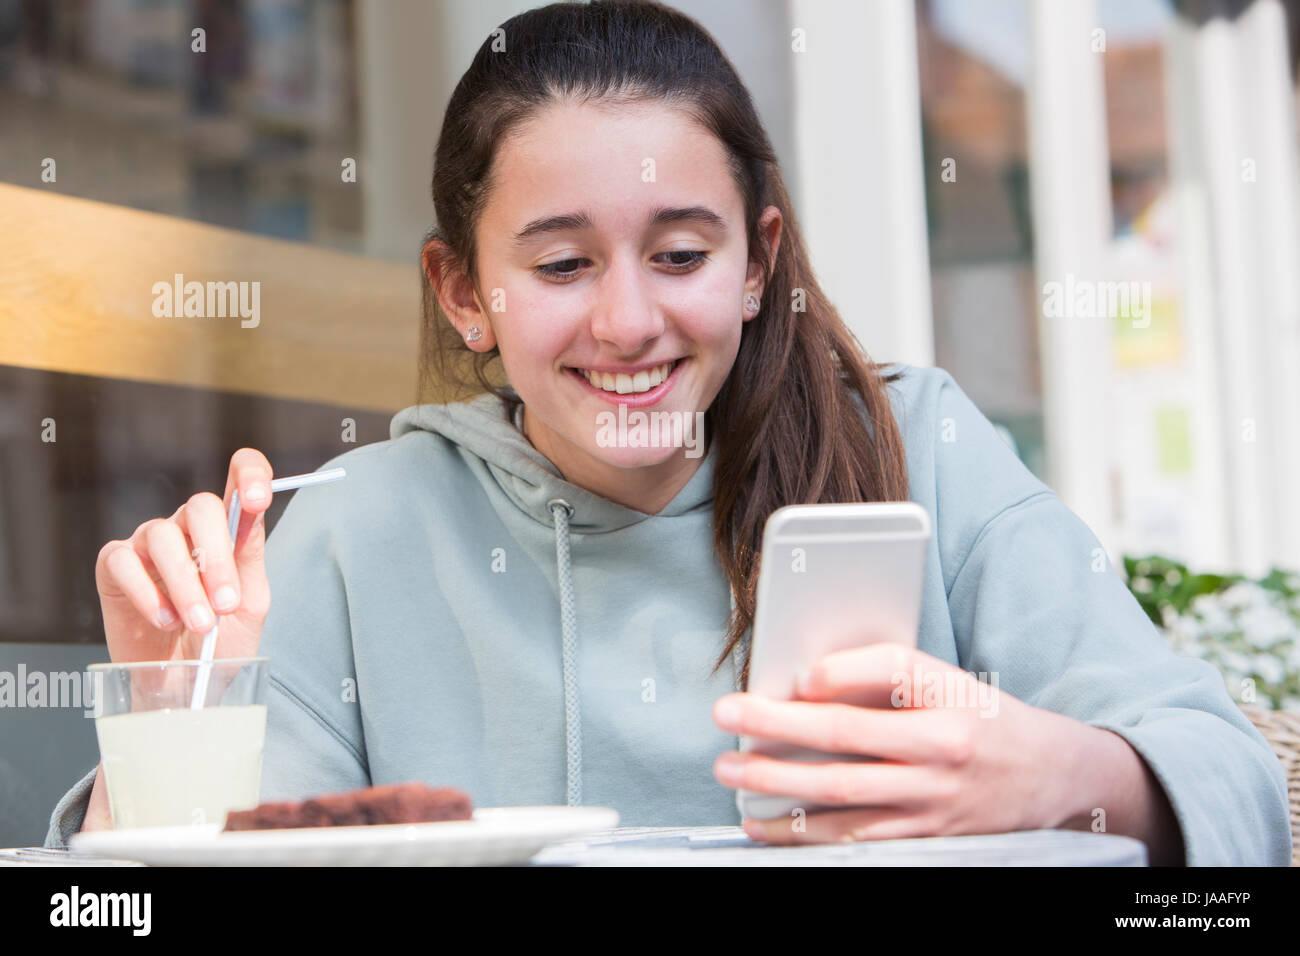 Niña en el Café la lectura de mensajes de texto en el teléfono móvil Imagen De Stock